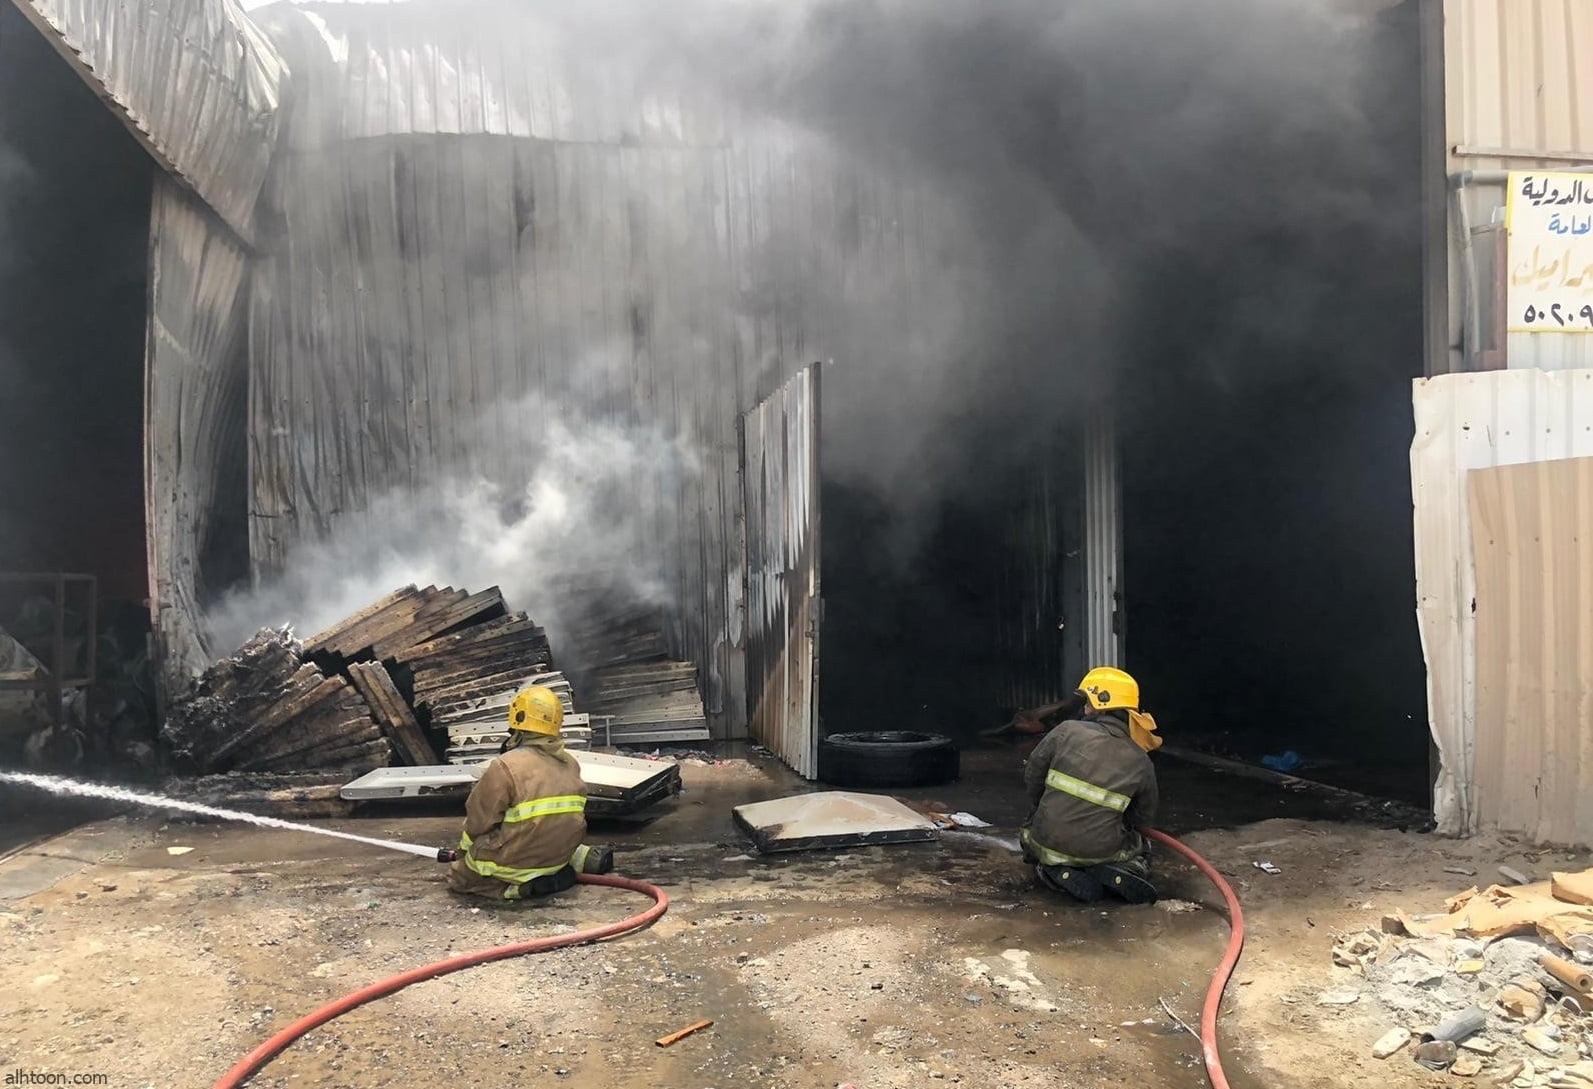 شاهد: حريق في سكراب أمغرة بالكويت - صحيفة هتون الدولية